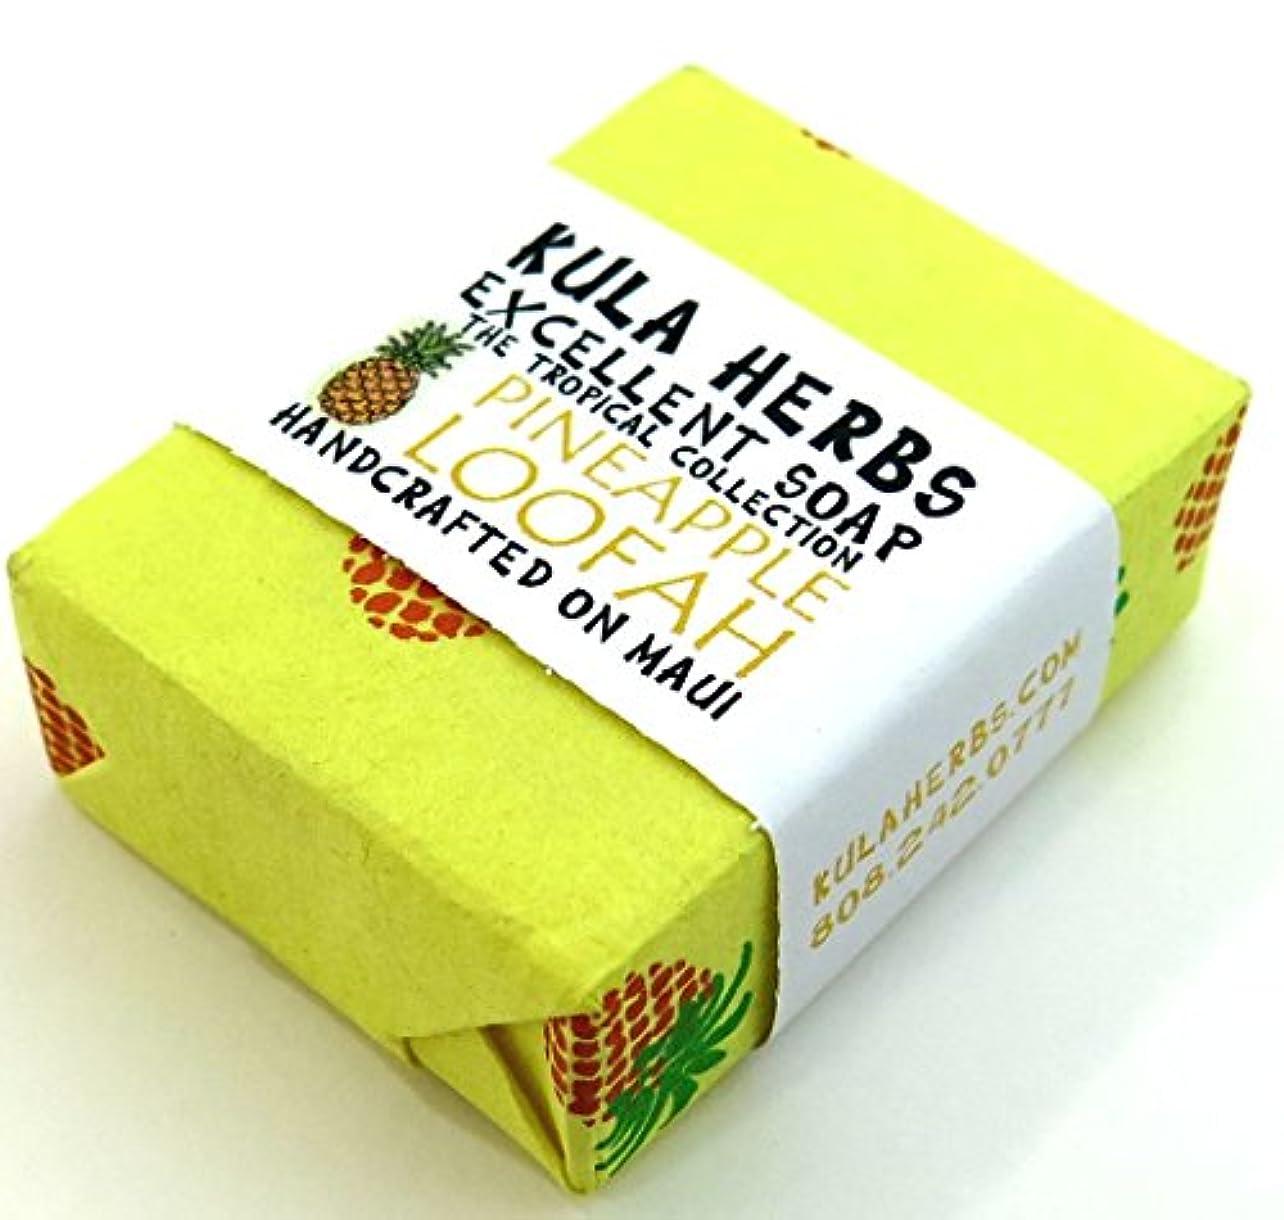 州暴露するパイプラインハワイ お土産 ハワイアン雑貨 クラハーブス エクセレント ソープ 石鹸 30g (パイナップル)